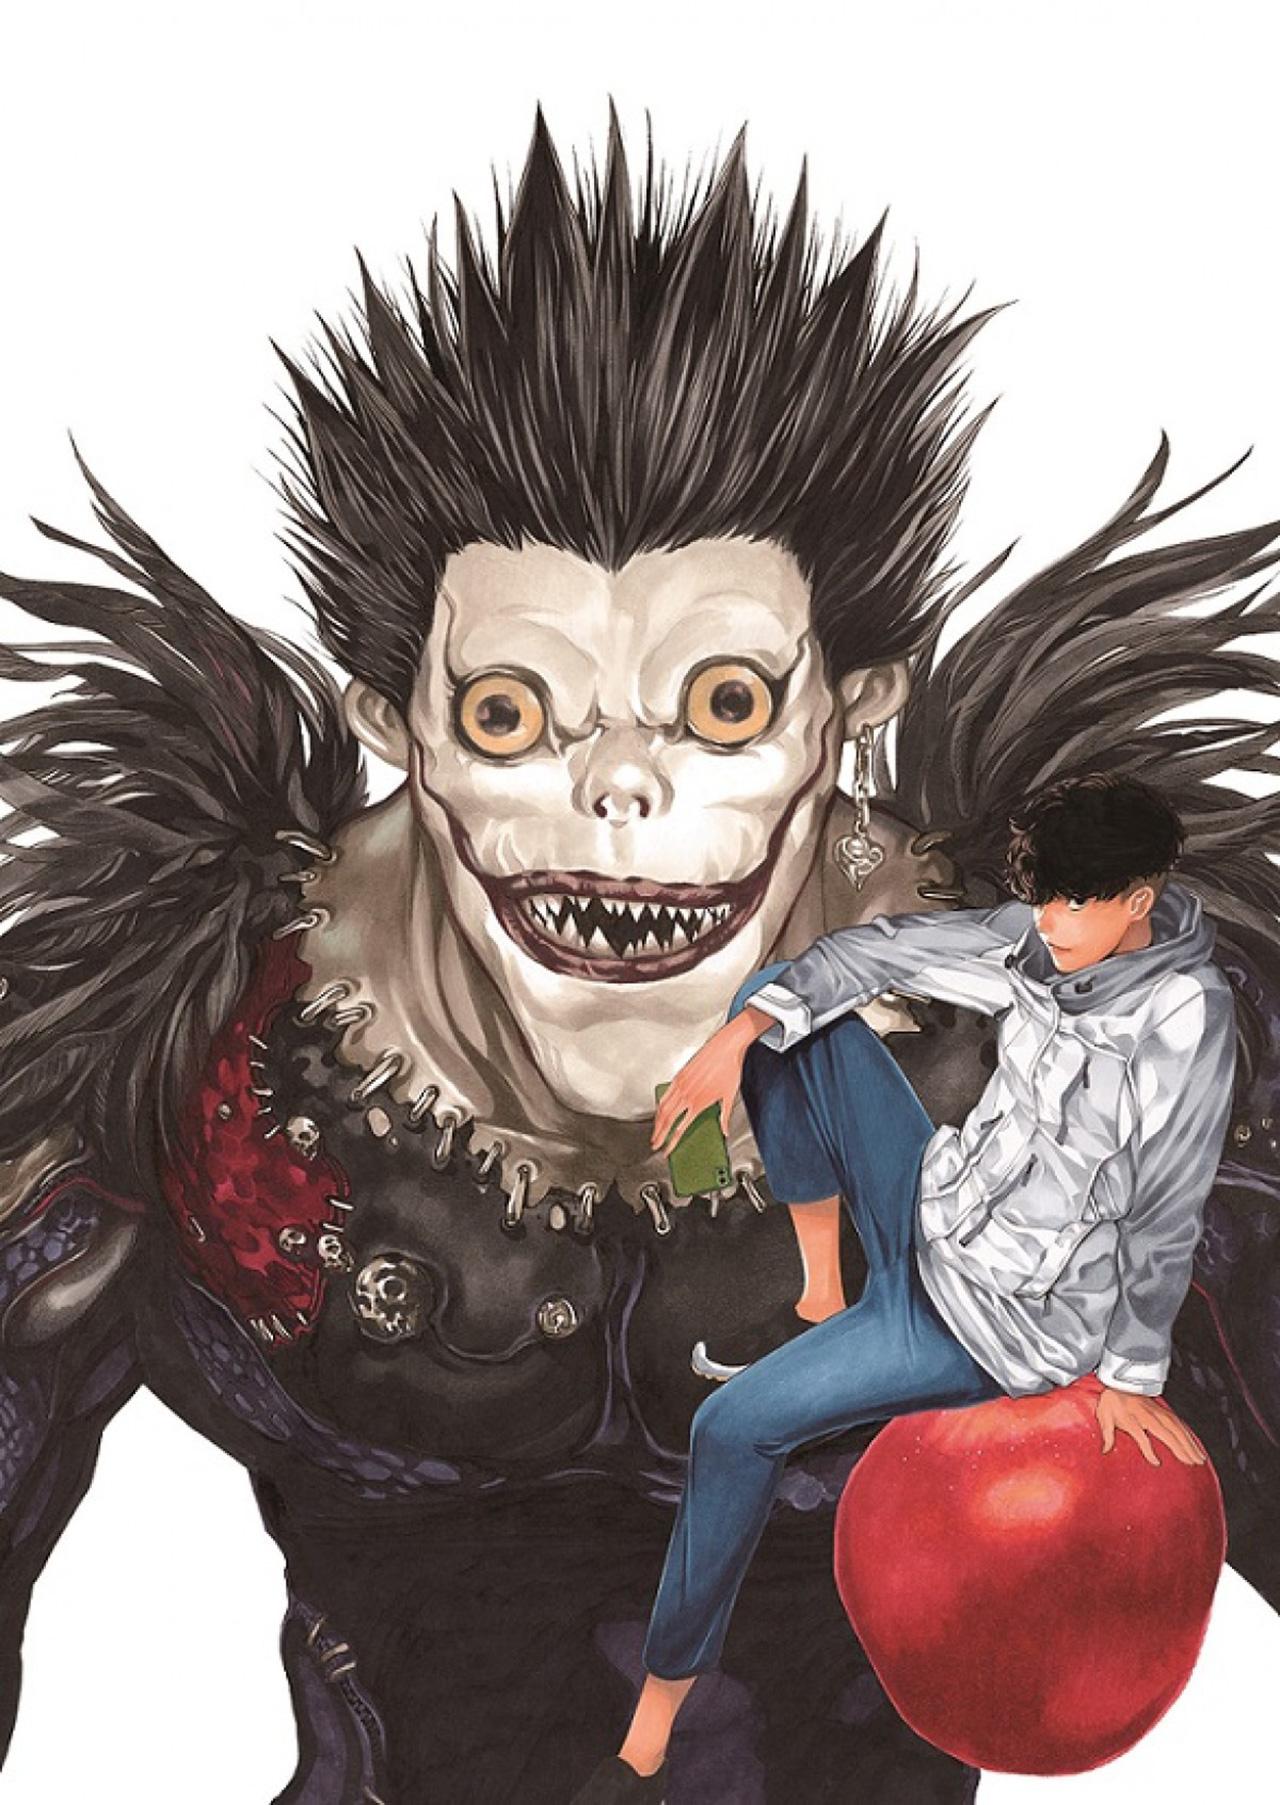 """""""Death Note"""": Ya puedes leer el nuevo manga de la serie lanzado por sus creadores 14 años después"""